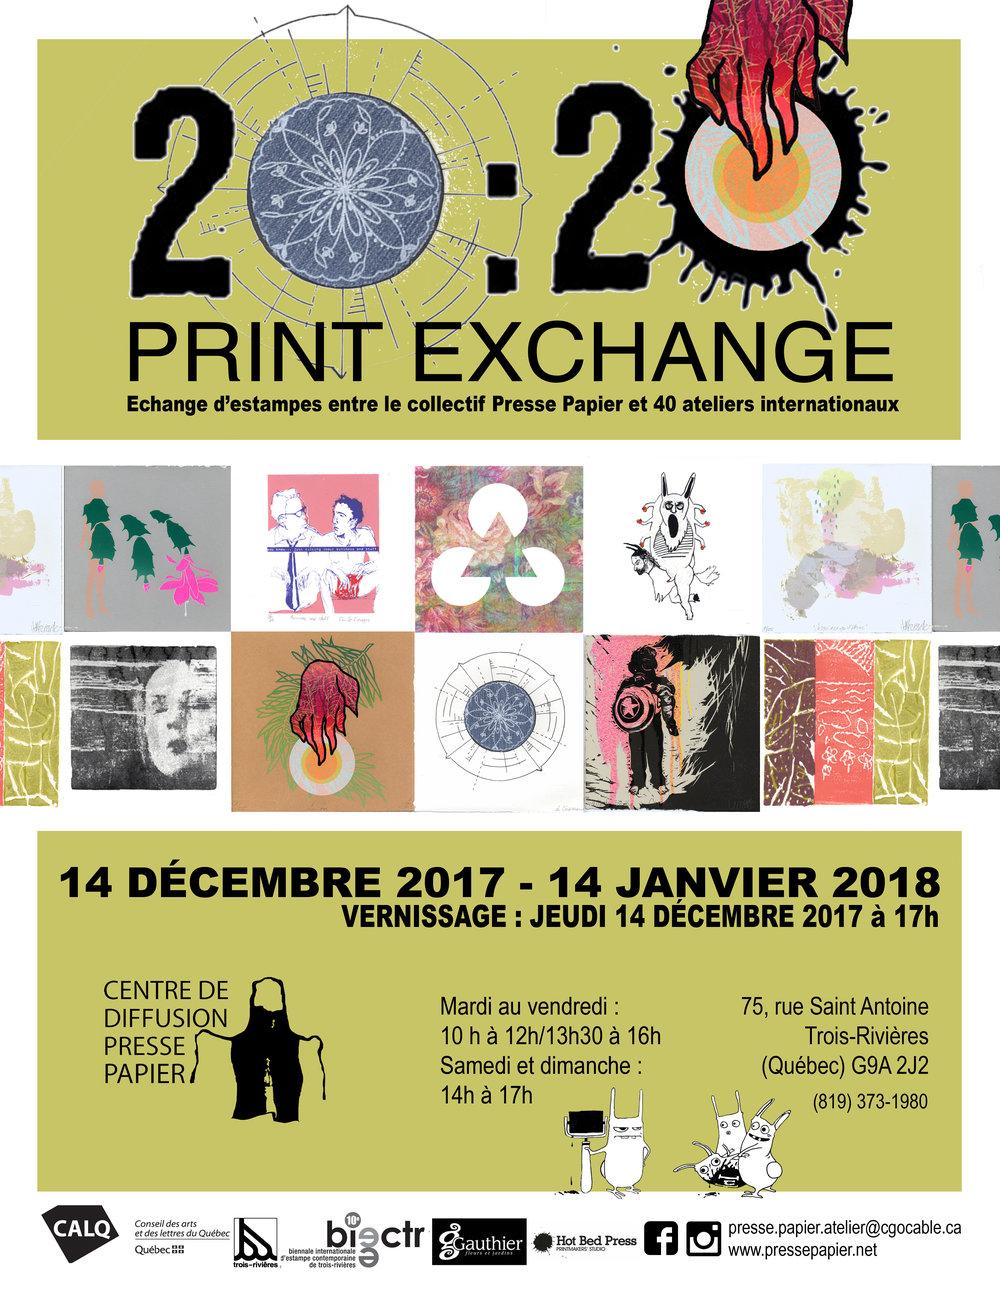 Du 14 décembre au 14 janvier 2018 au Centre de diffusion Presse Papier